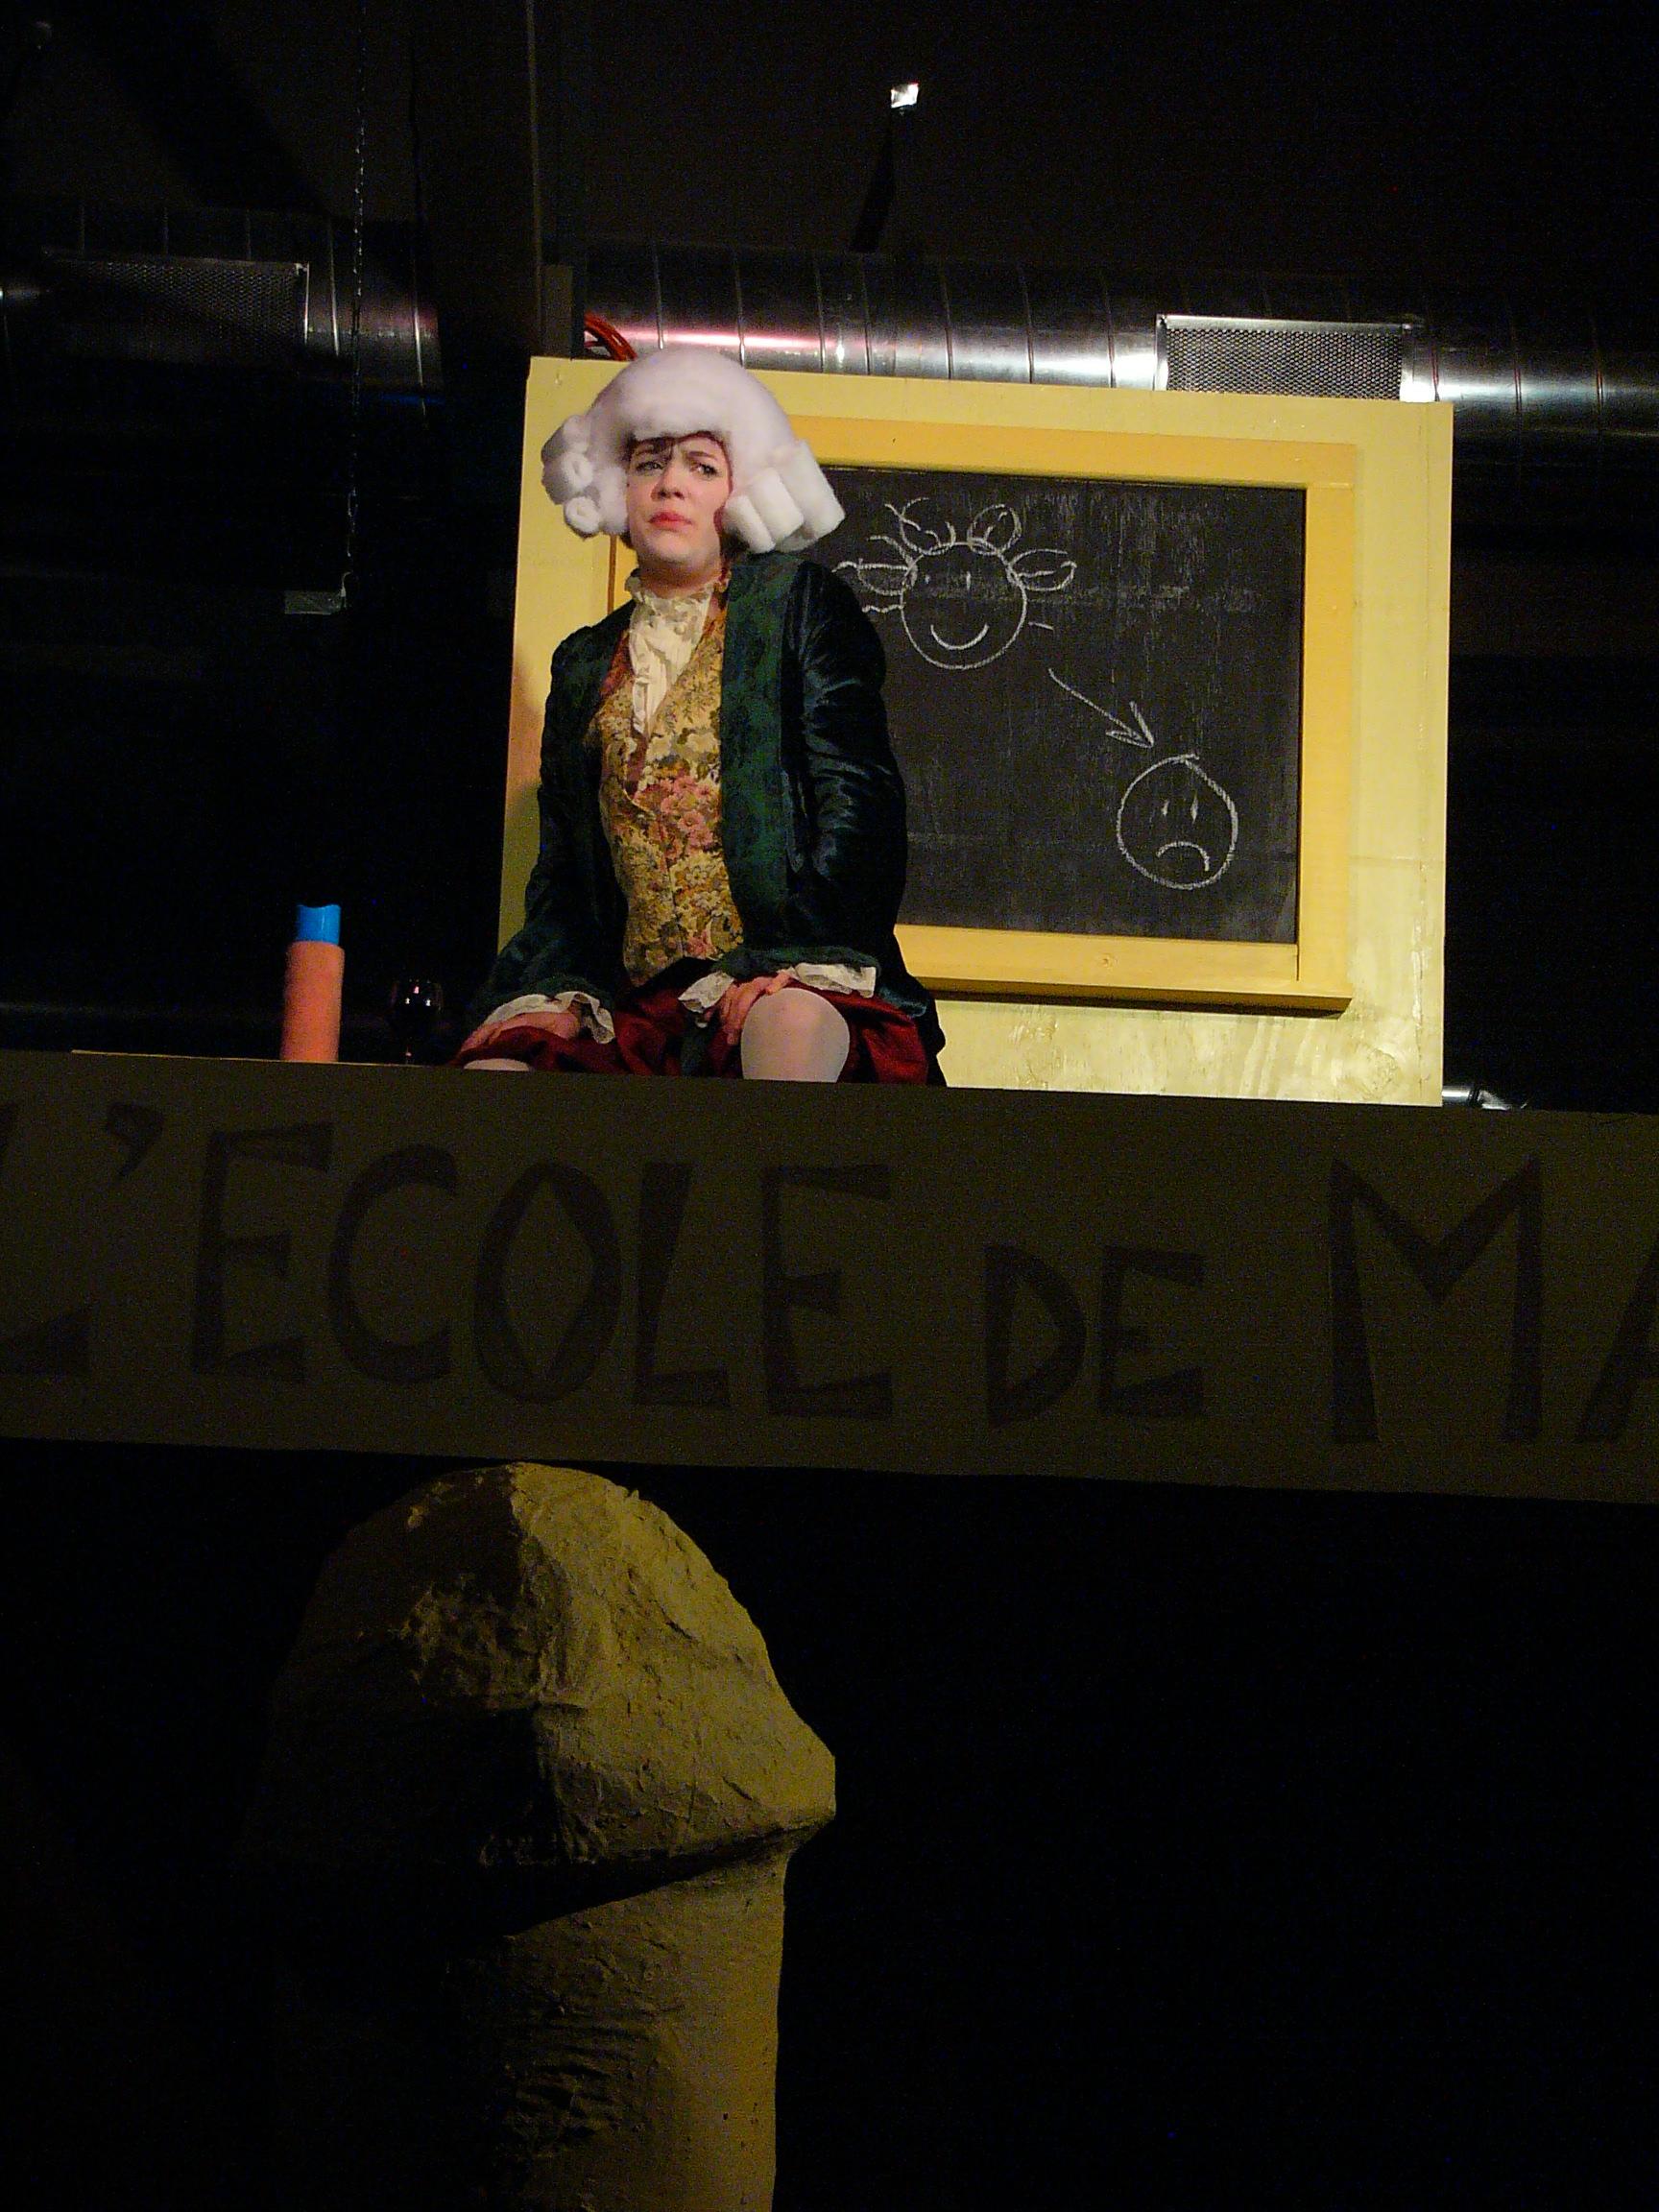 L'école de Maldetête (The School of Headaches) - 2009